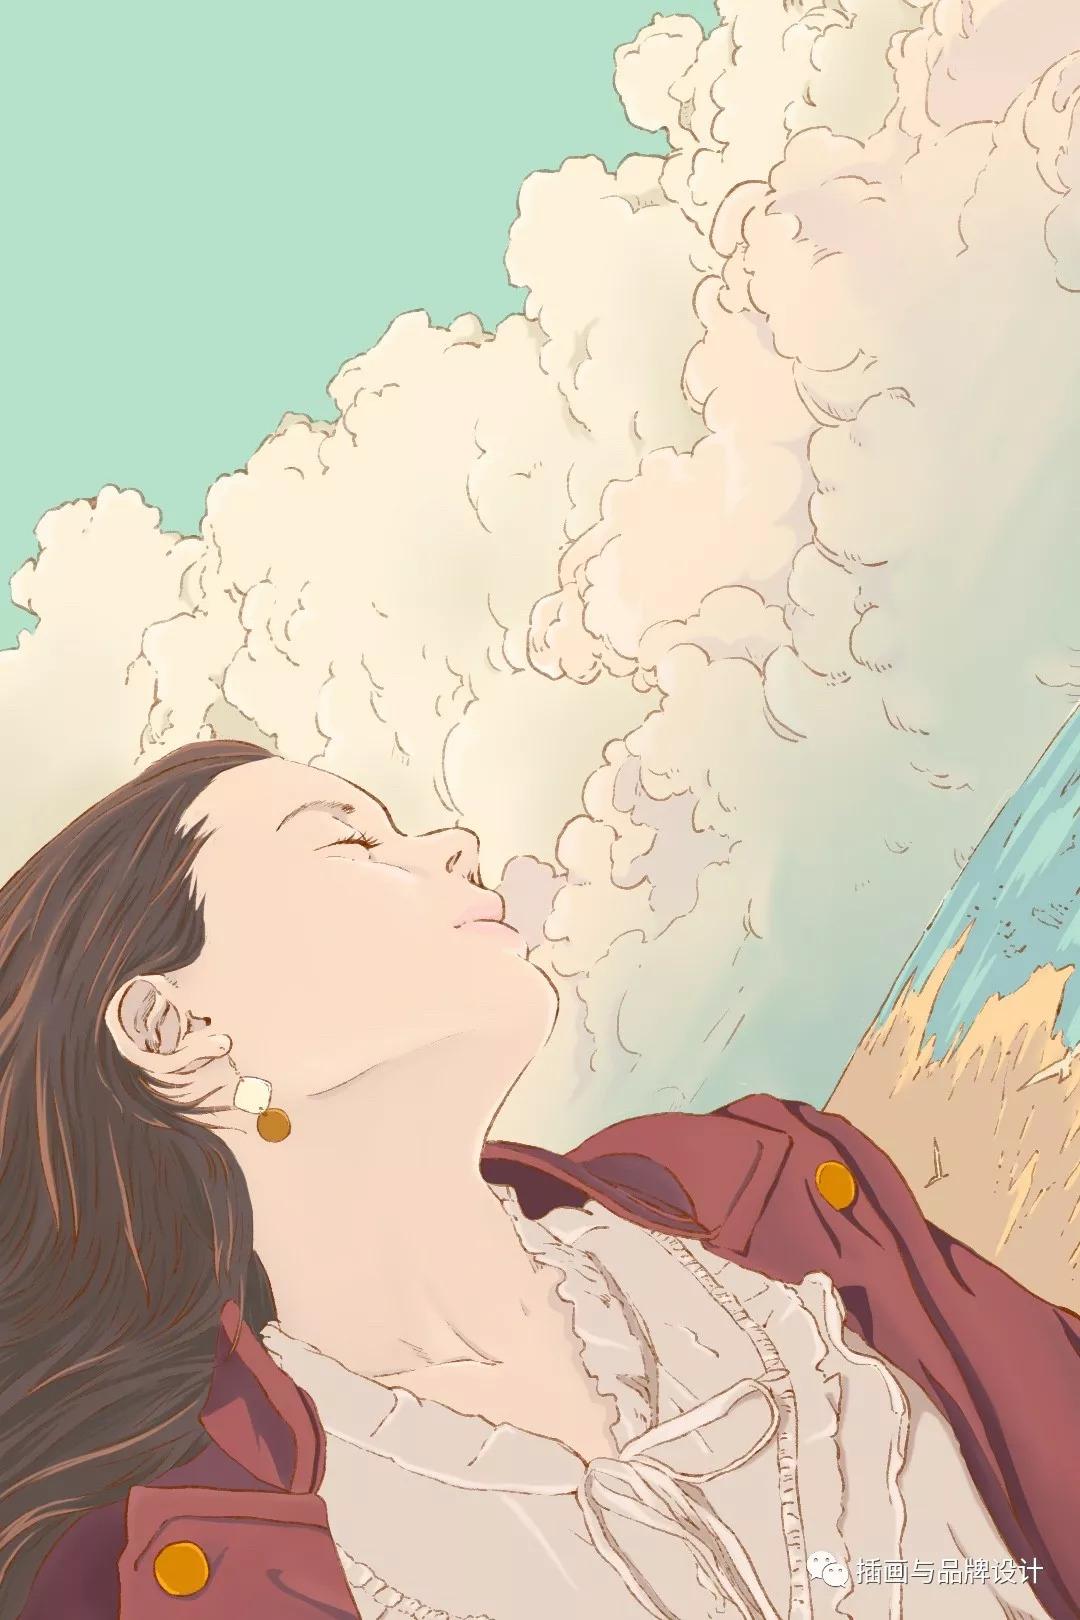 ps手绘板「欧美风」商业插画10节课报名啦!最潮流最流行的板绘技法